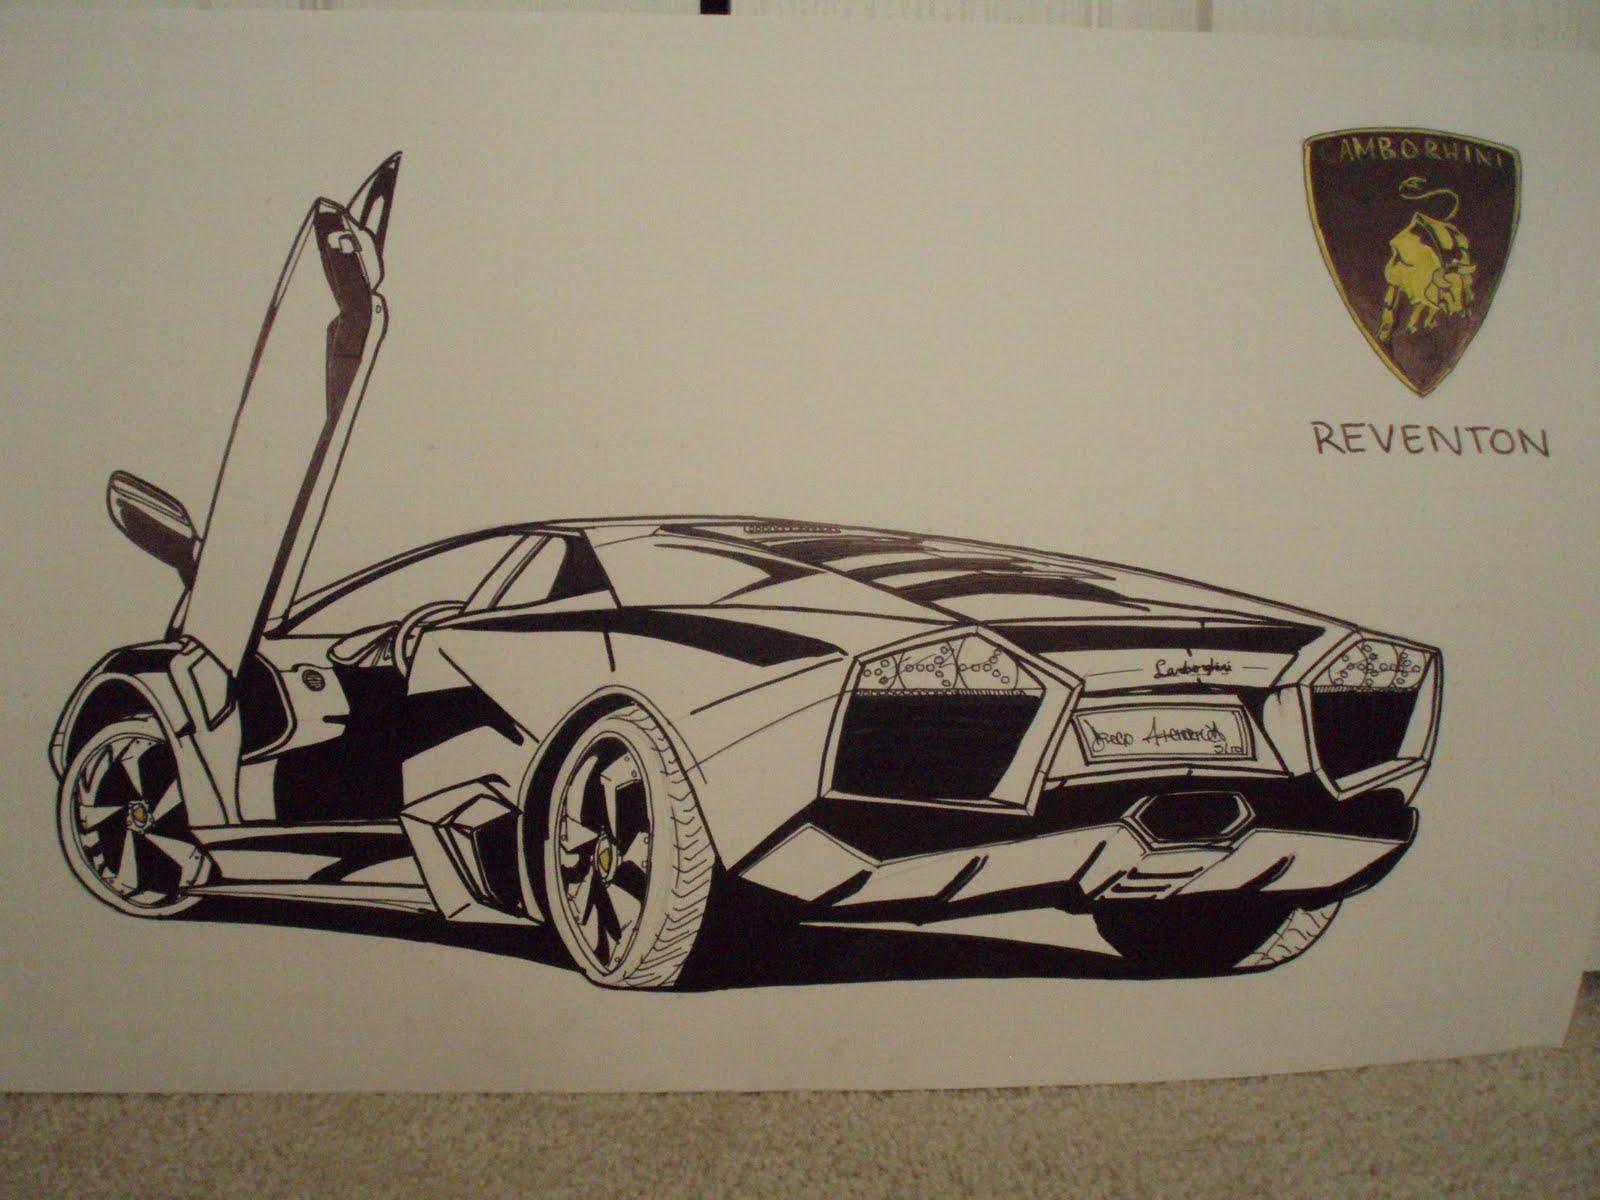 1600x1200 Car Drawings Lamborghini Reventon 555 Car Drawings